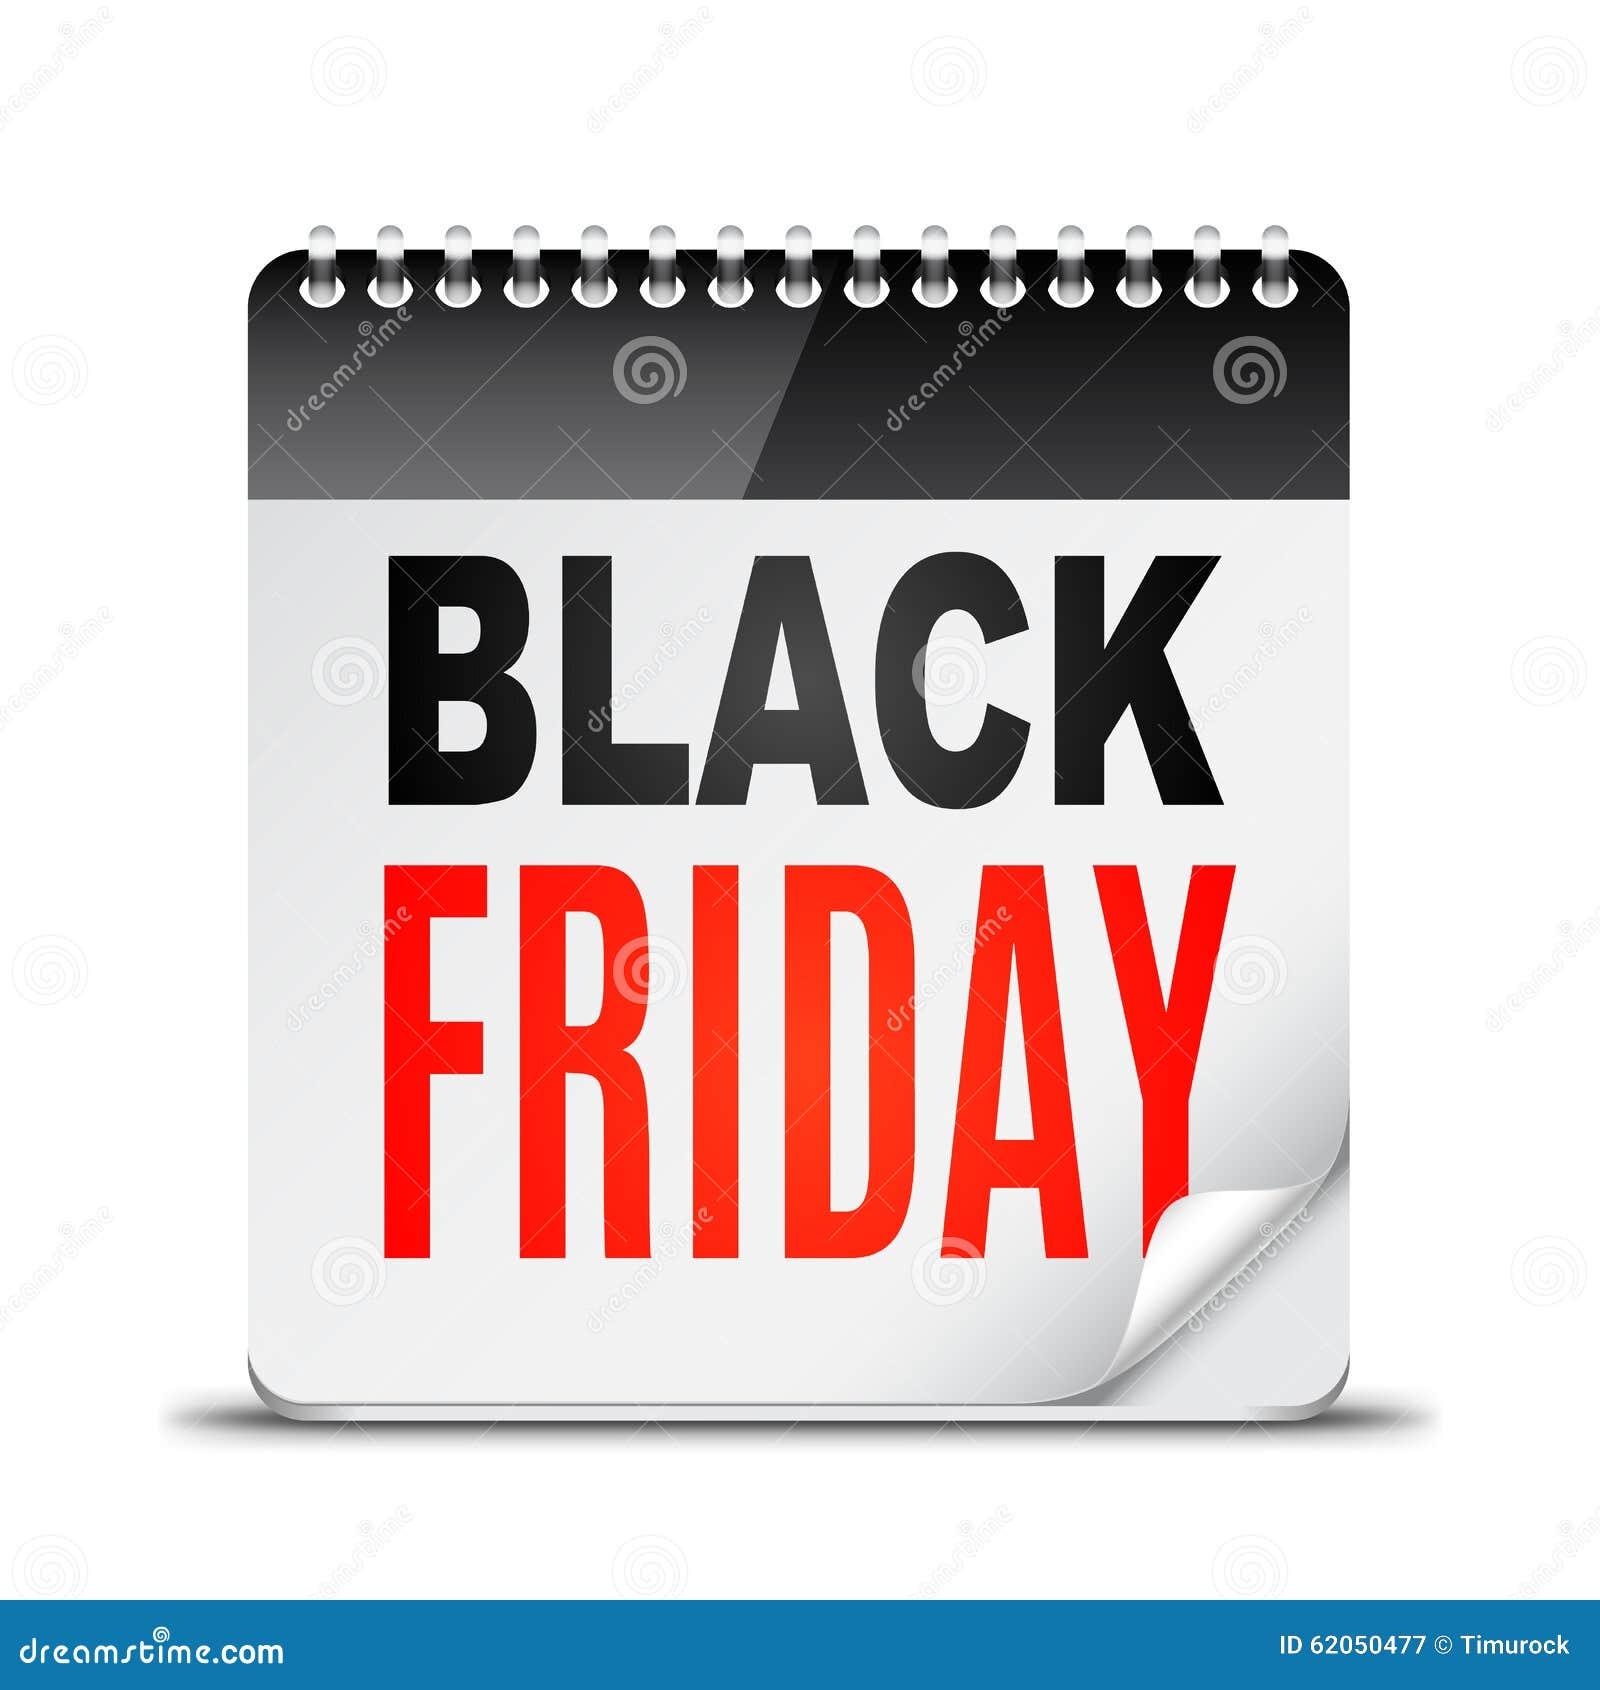 ecff4eae3b Calendário Do Dia De Black Friday Ilustração do Vetor - Ilustração ...